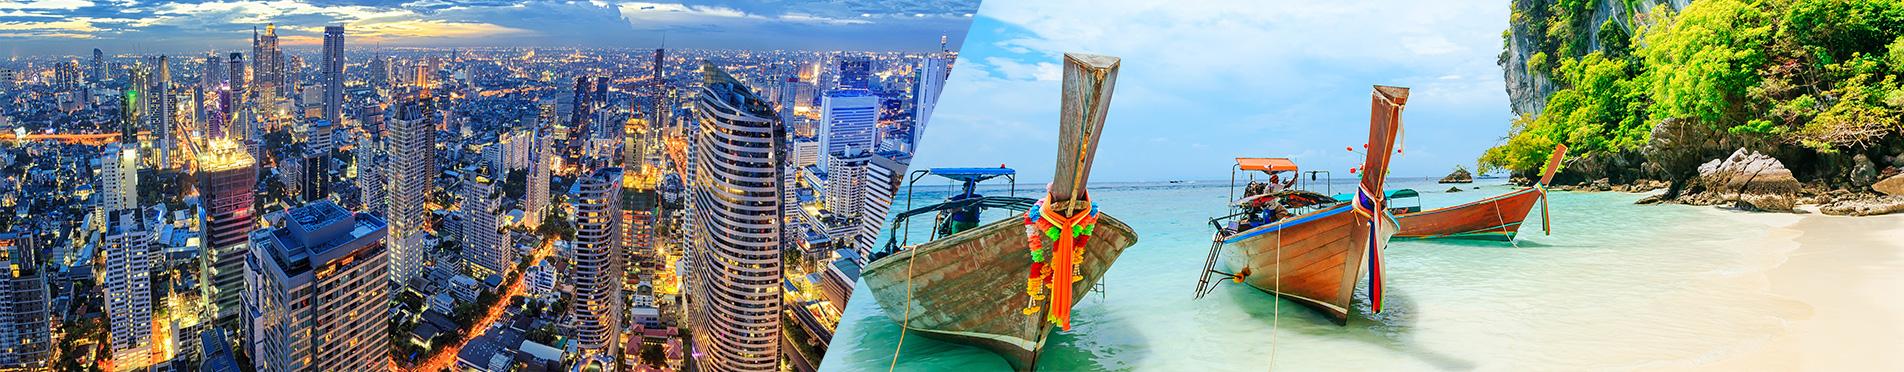 Holiday showdown: Bangkok v Phuket